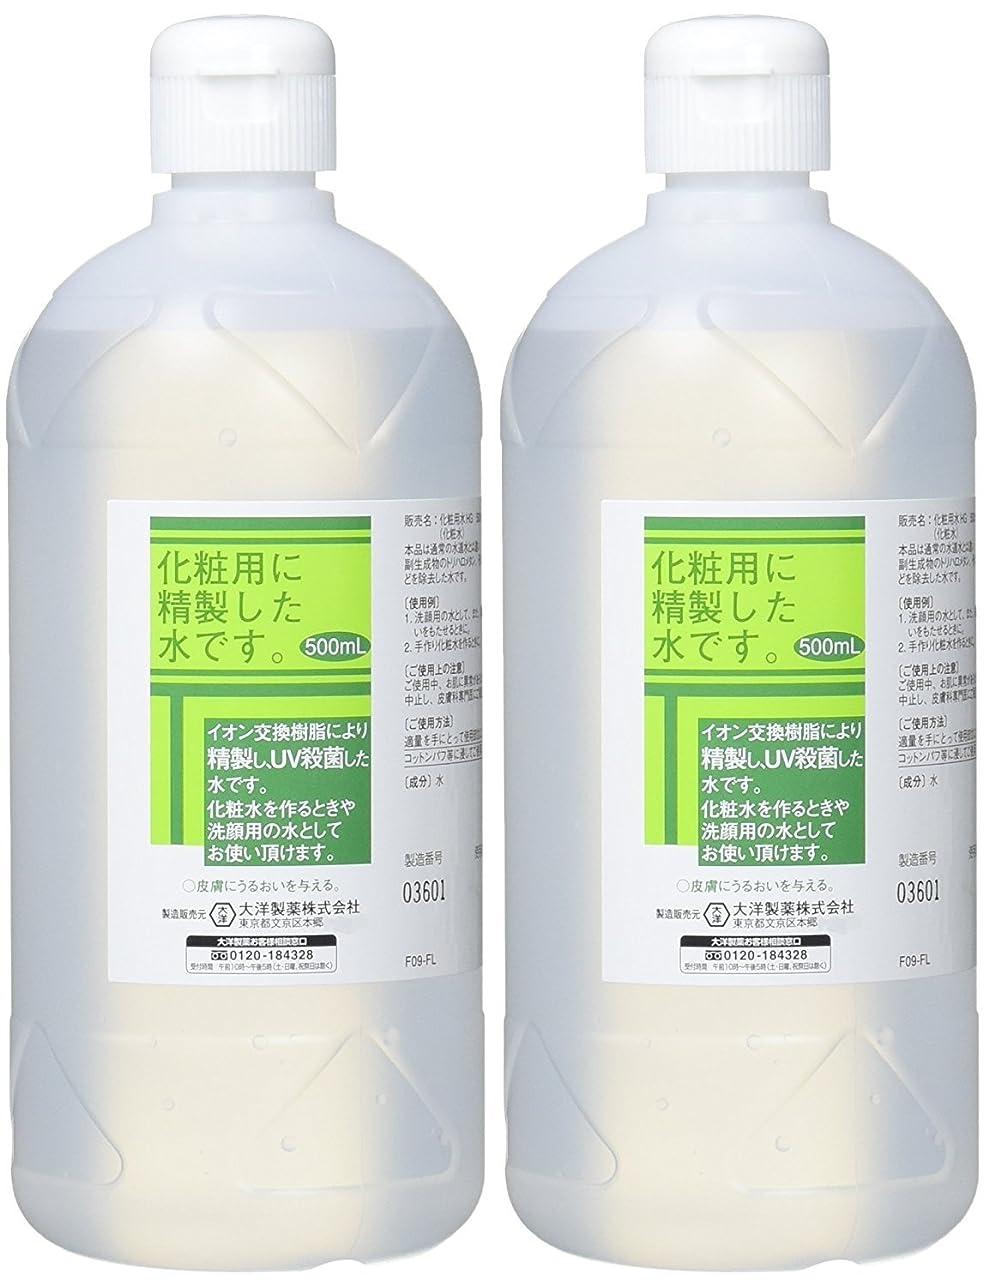 スチュワーデスパプアニューギニアわずかな化粧用 精製水 HG 500ml×2個